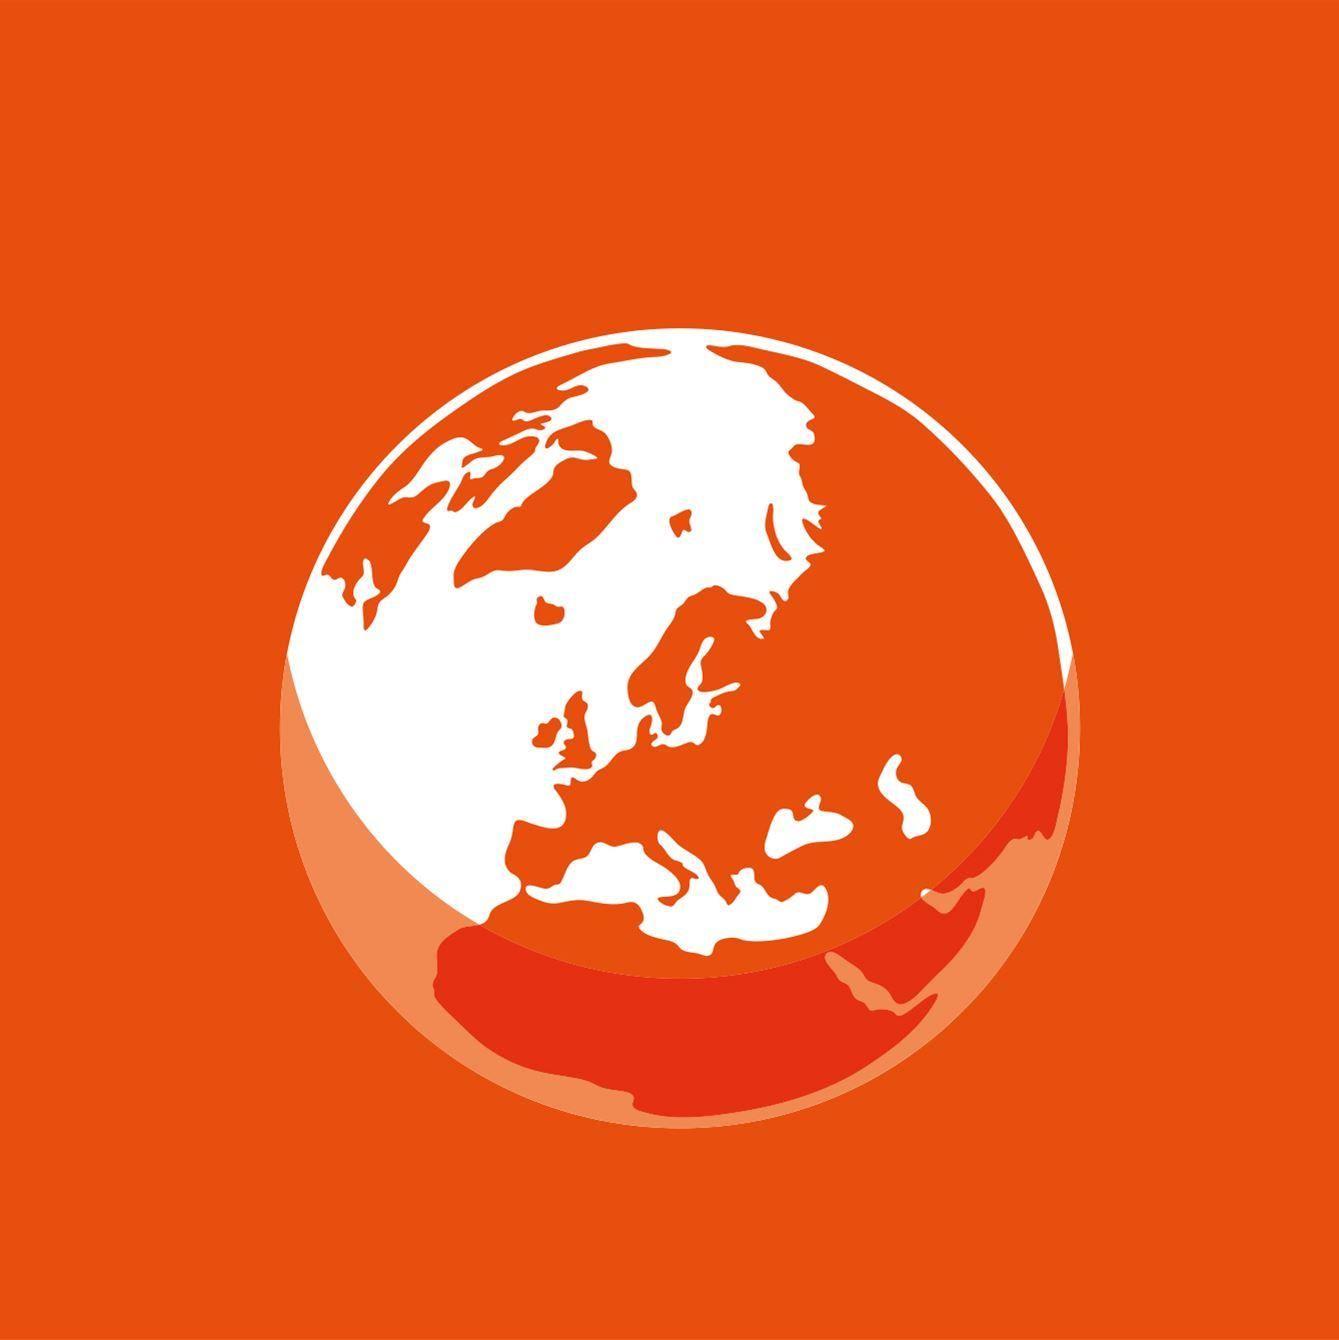 Föredrag: Earth week och miljöläget